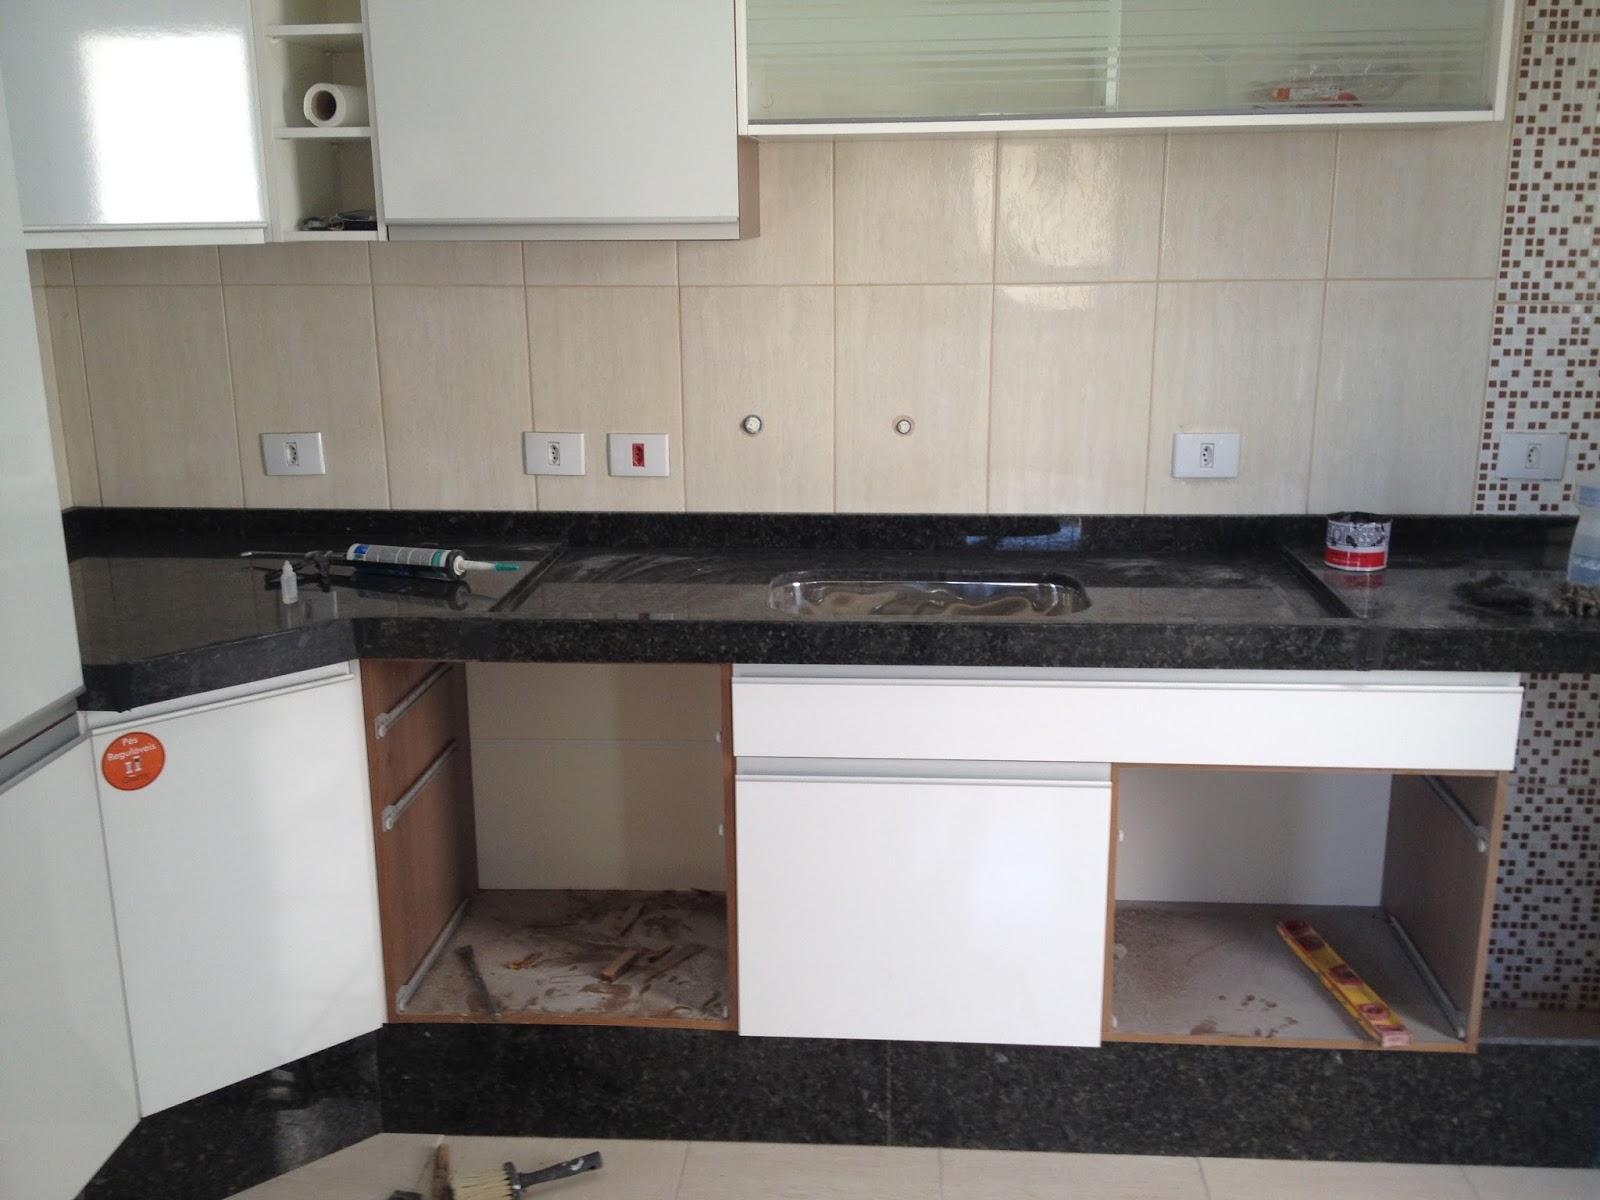 cozinhas planejadas no magazine luizaIdéias de decoração para casa #614940 1600x1200